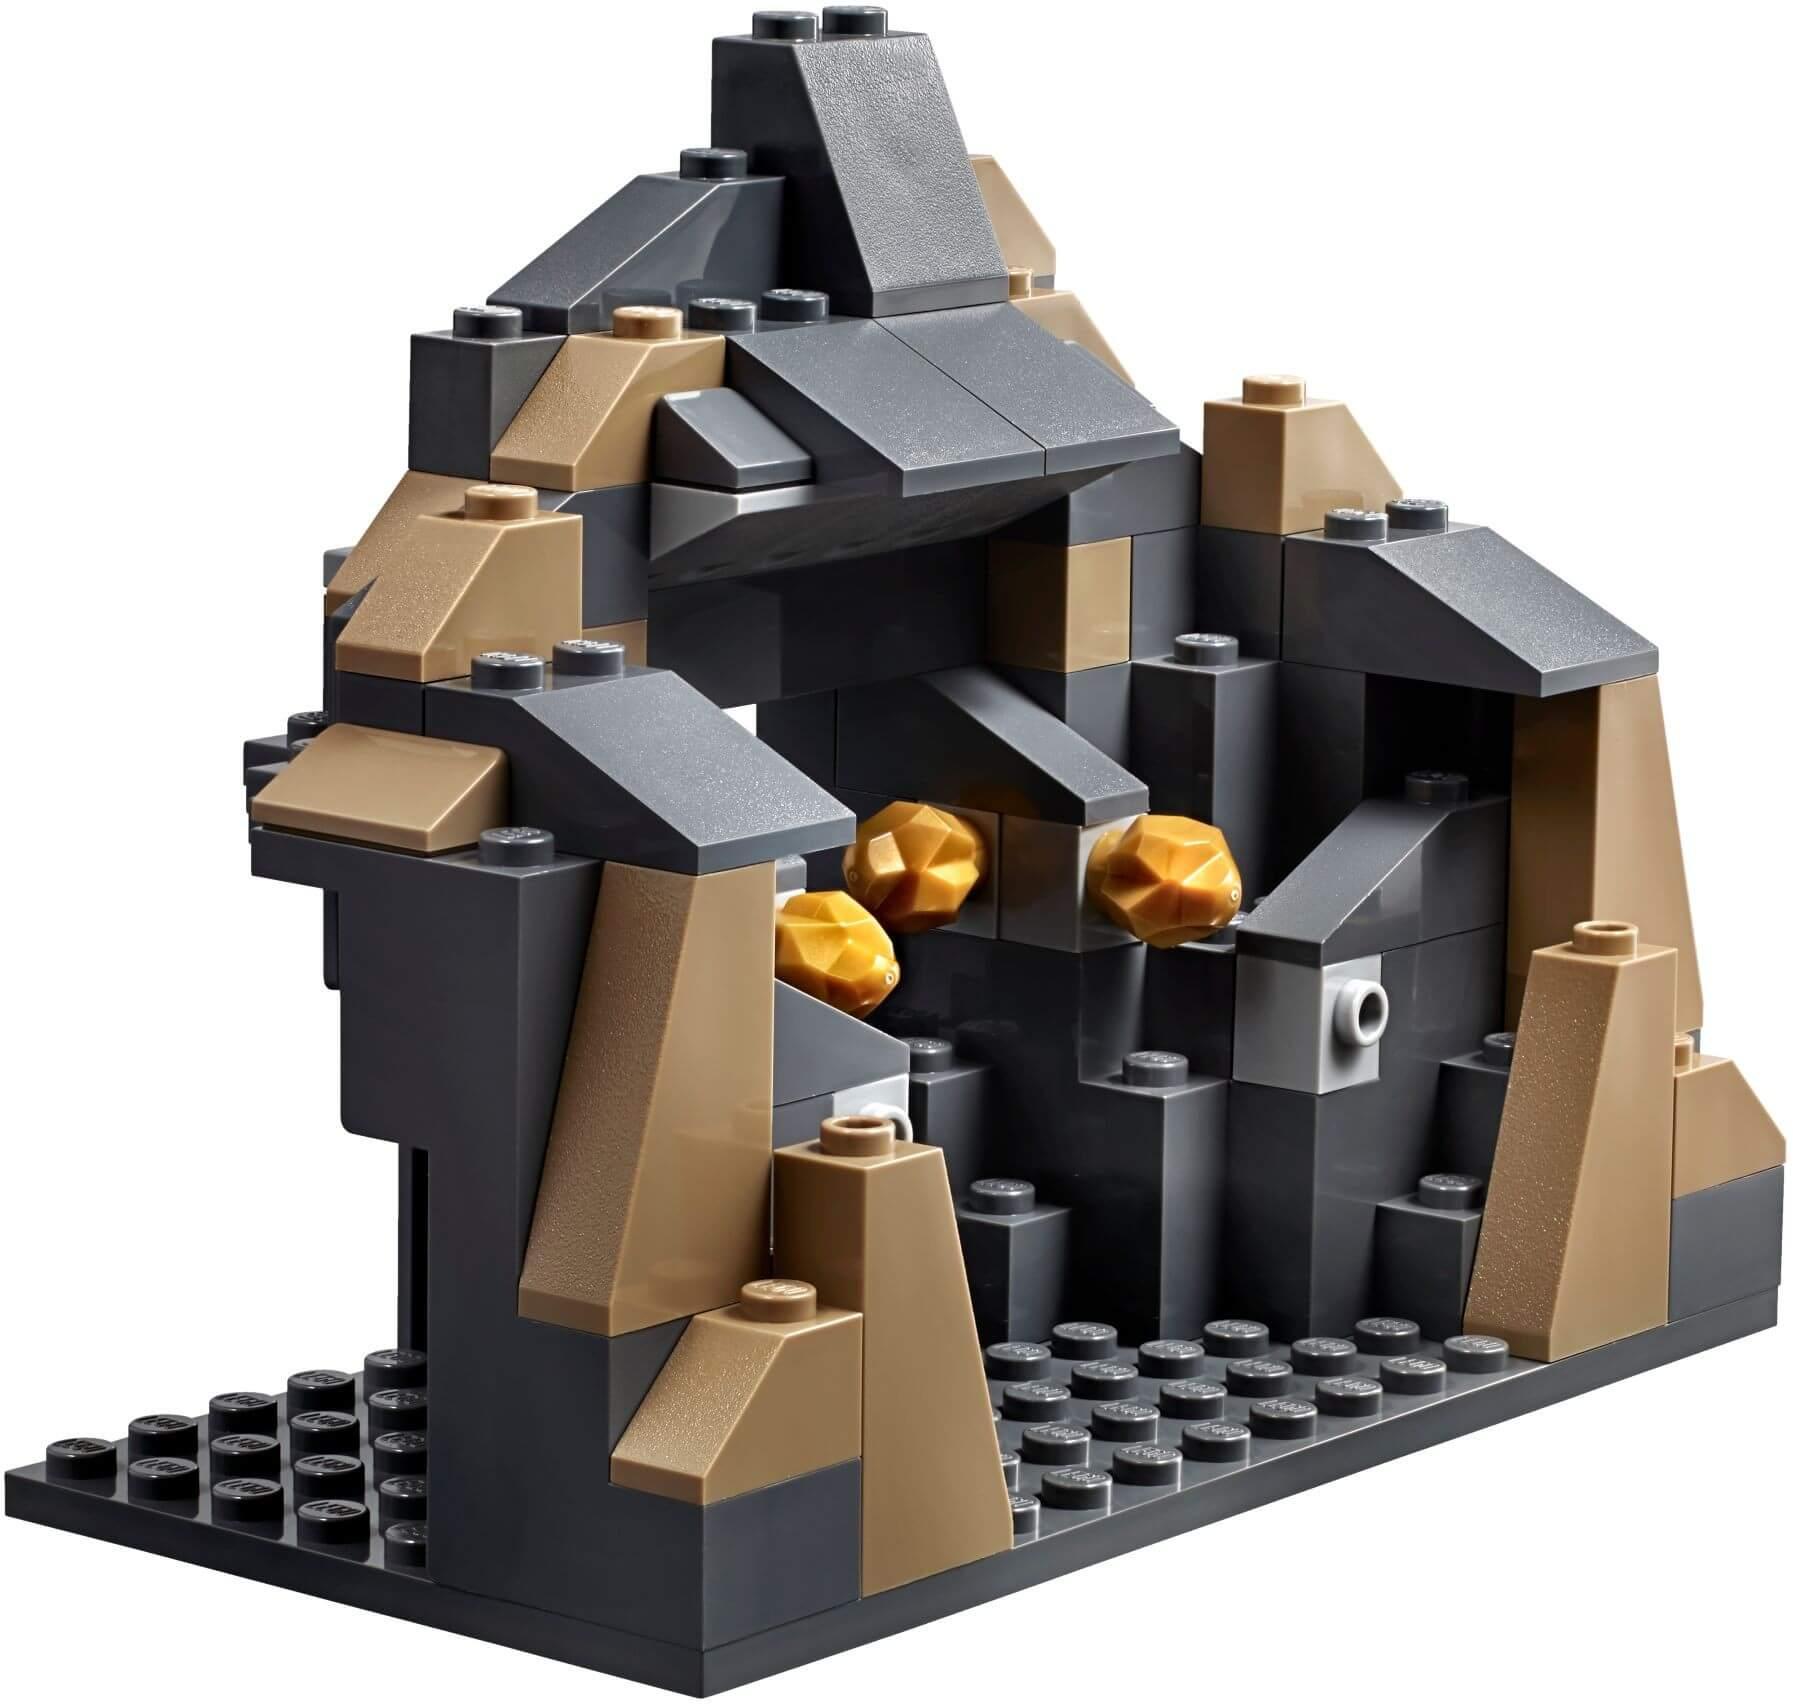 Mua đồ chơi LEGO 60186 - LEGO City 60186 - Máy đào Hầm khổng lồ (LEGO City 60186 Mining Heavy Driller)